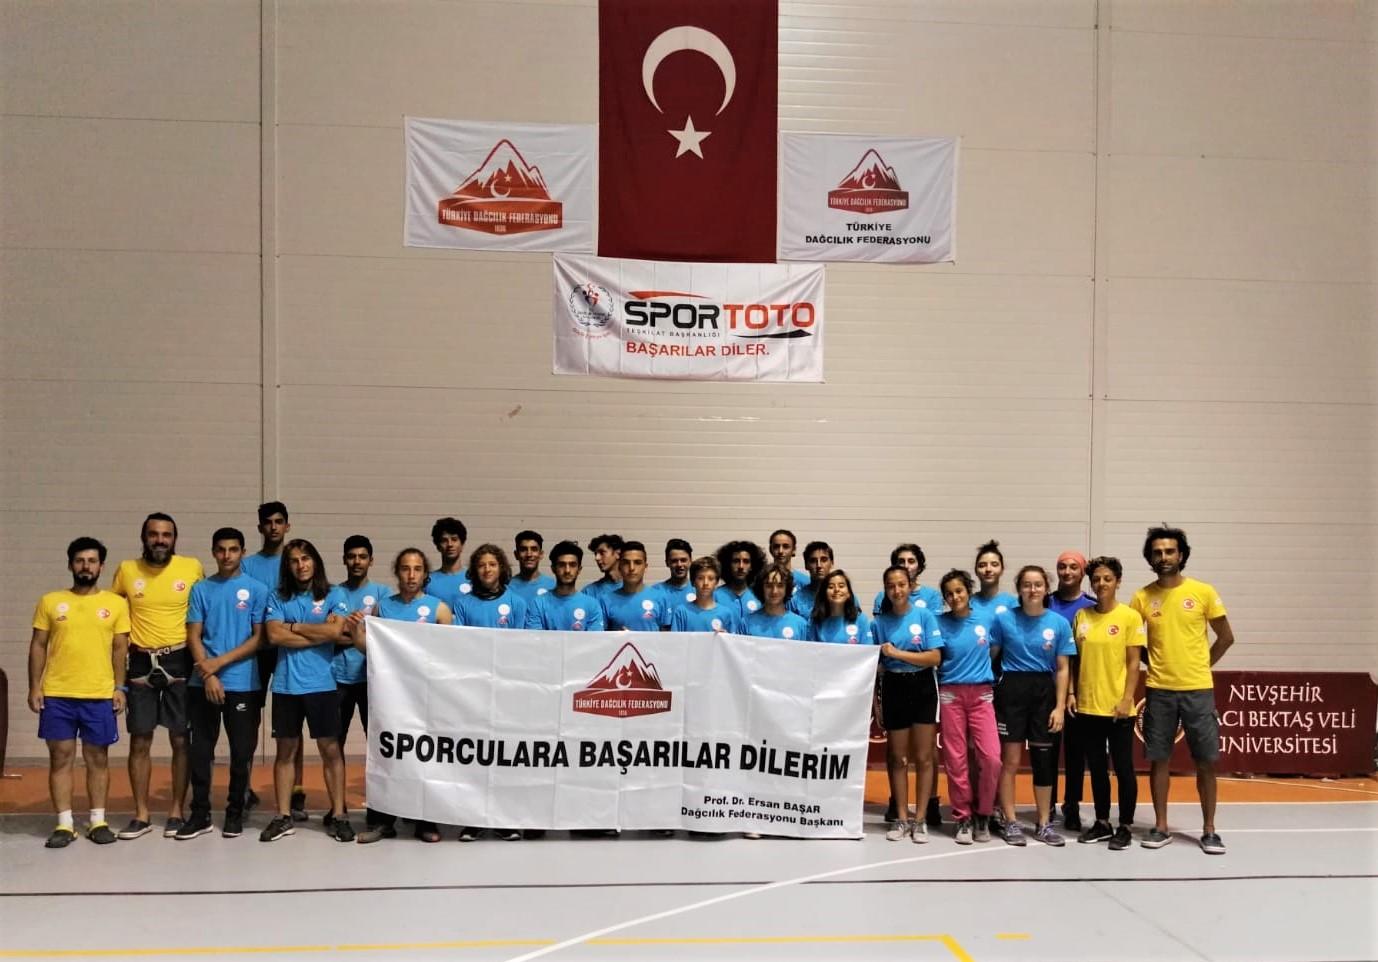 Spor Tırmanış Küçükler A-B ve Gençler Aday Milli Takım Gelişim Kampı Nevşehir'de tamamlandı.